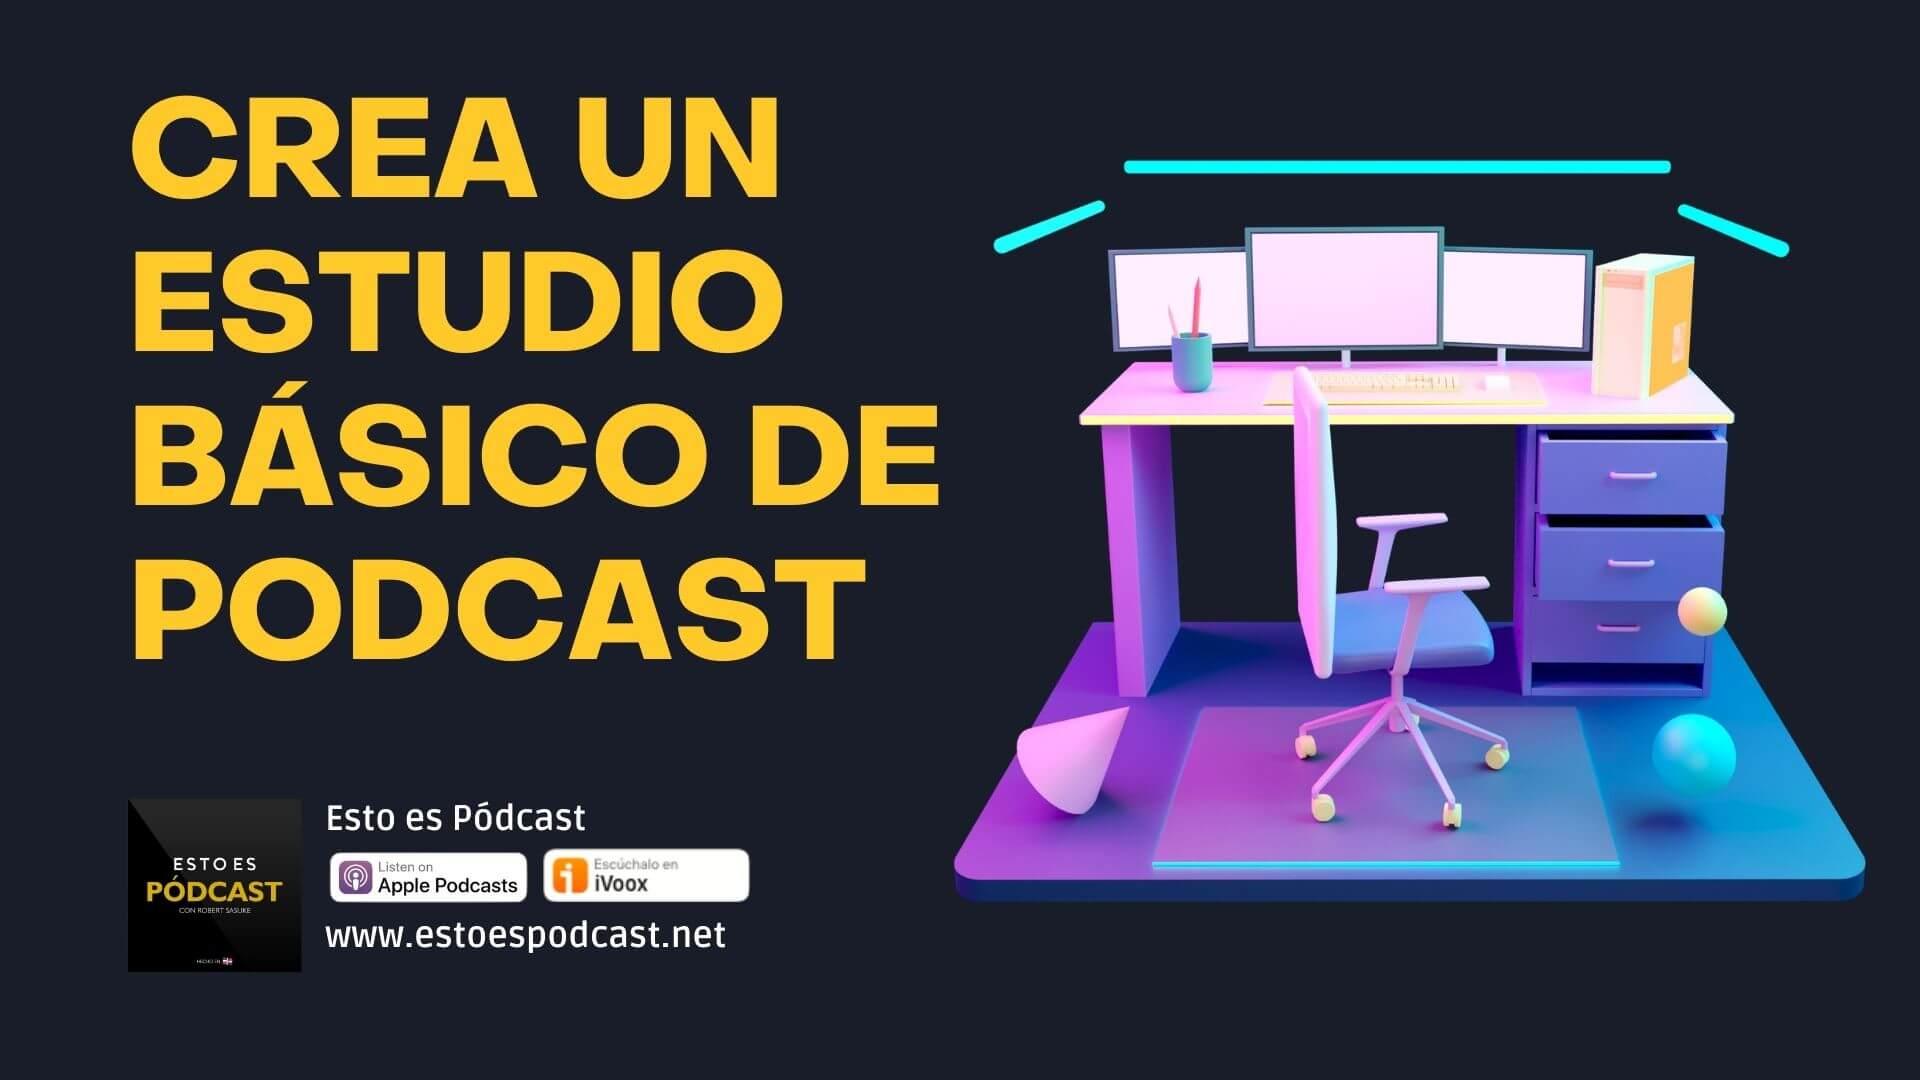 Equipos para Crear un estudio móvil de podcast con buena calidad/precio